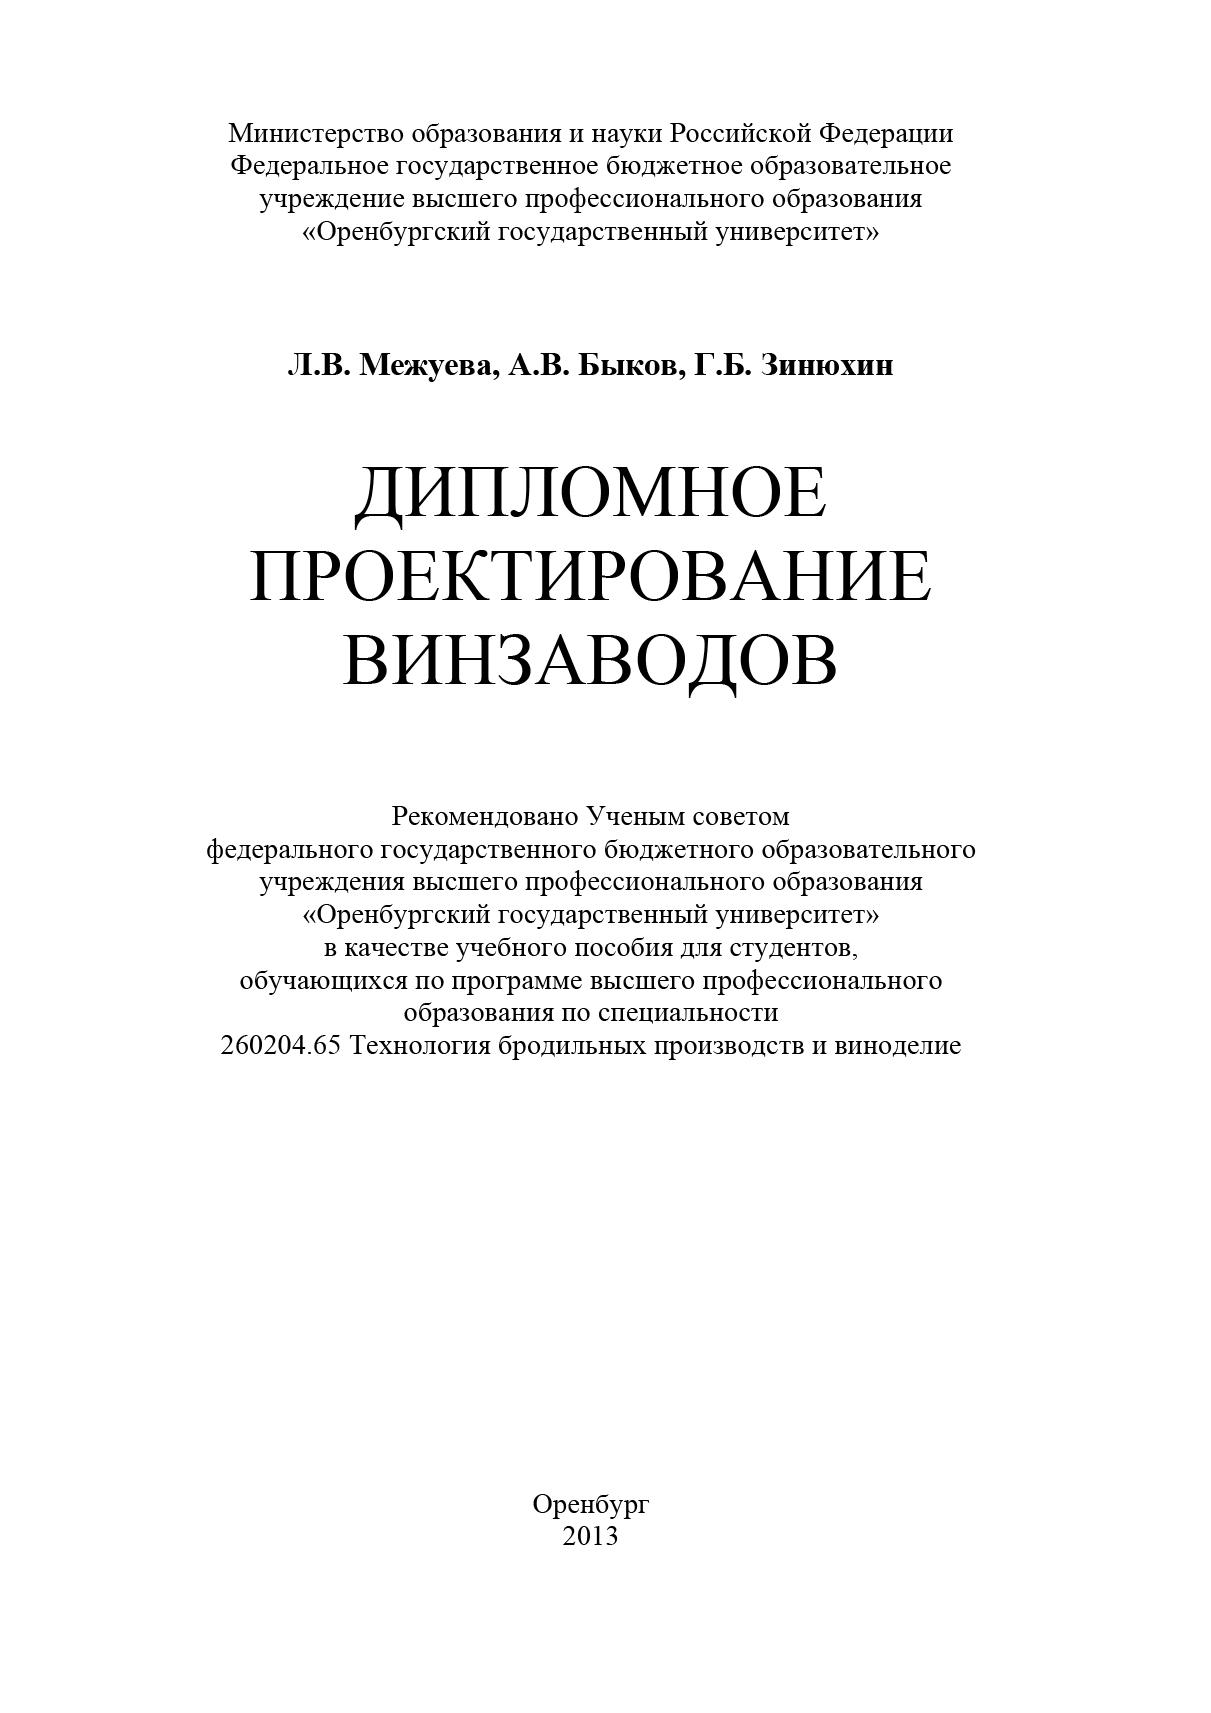 фото обложки издания Дипломное проектирование винзаводов